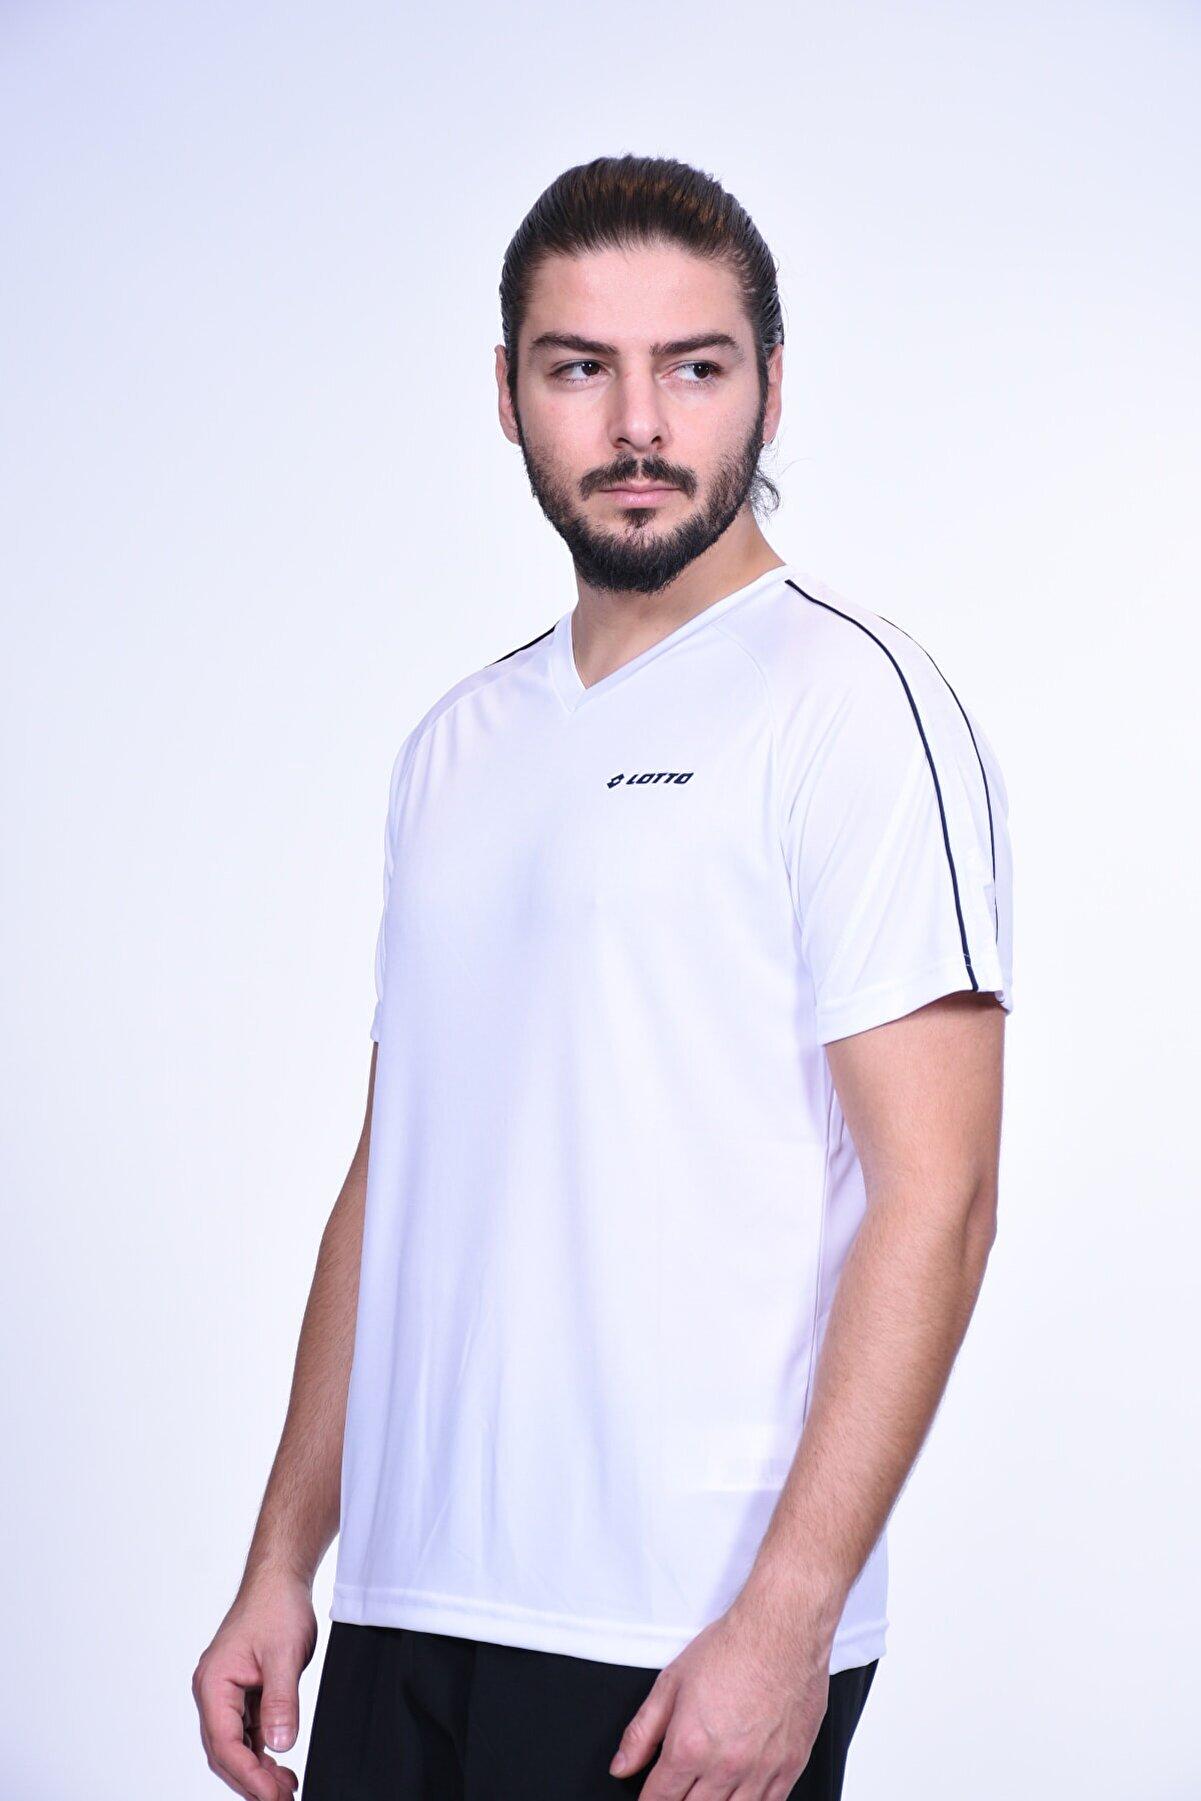 Lotto T-shirt Erkek Speed Tee Vn Pl R6387 Beyaz/siyah